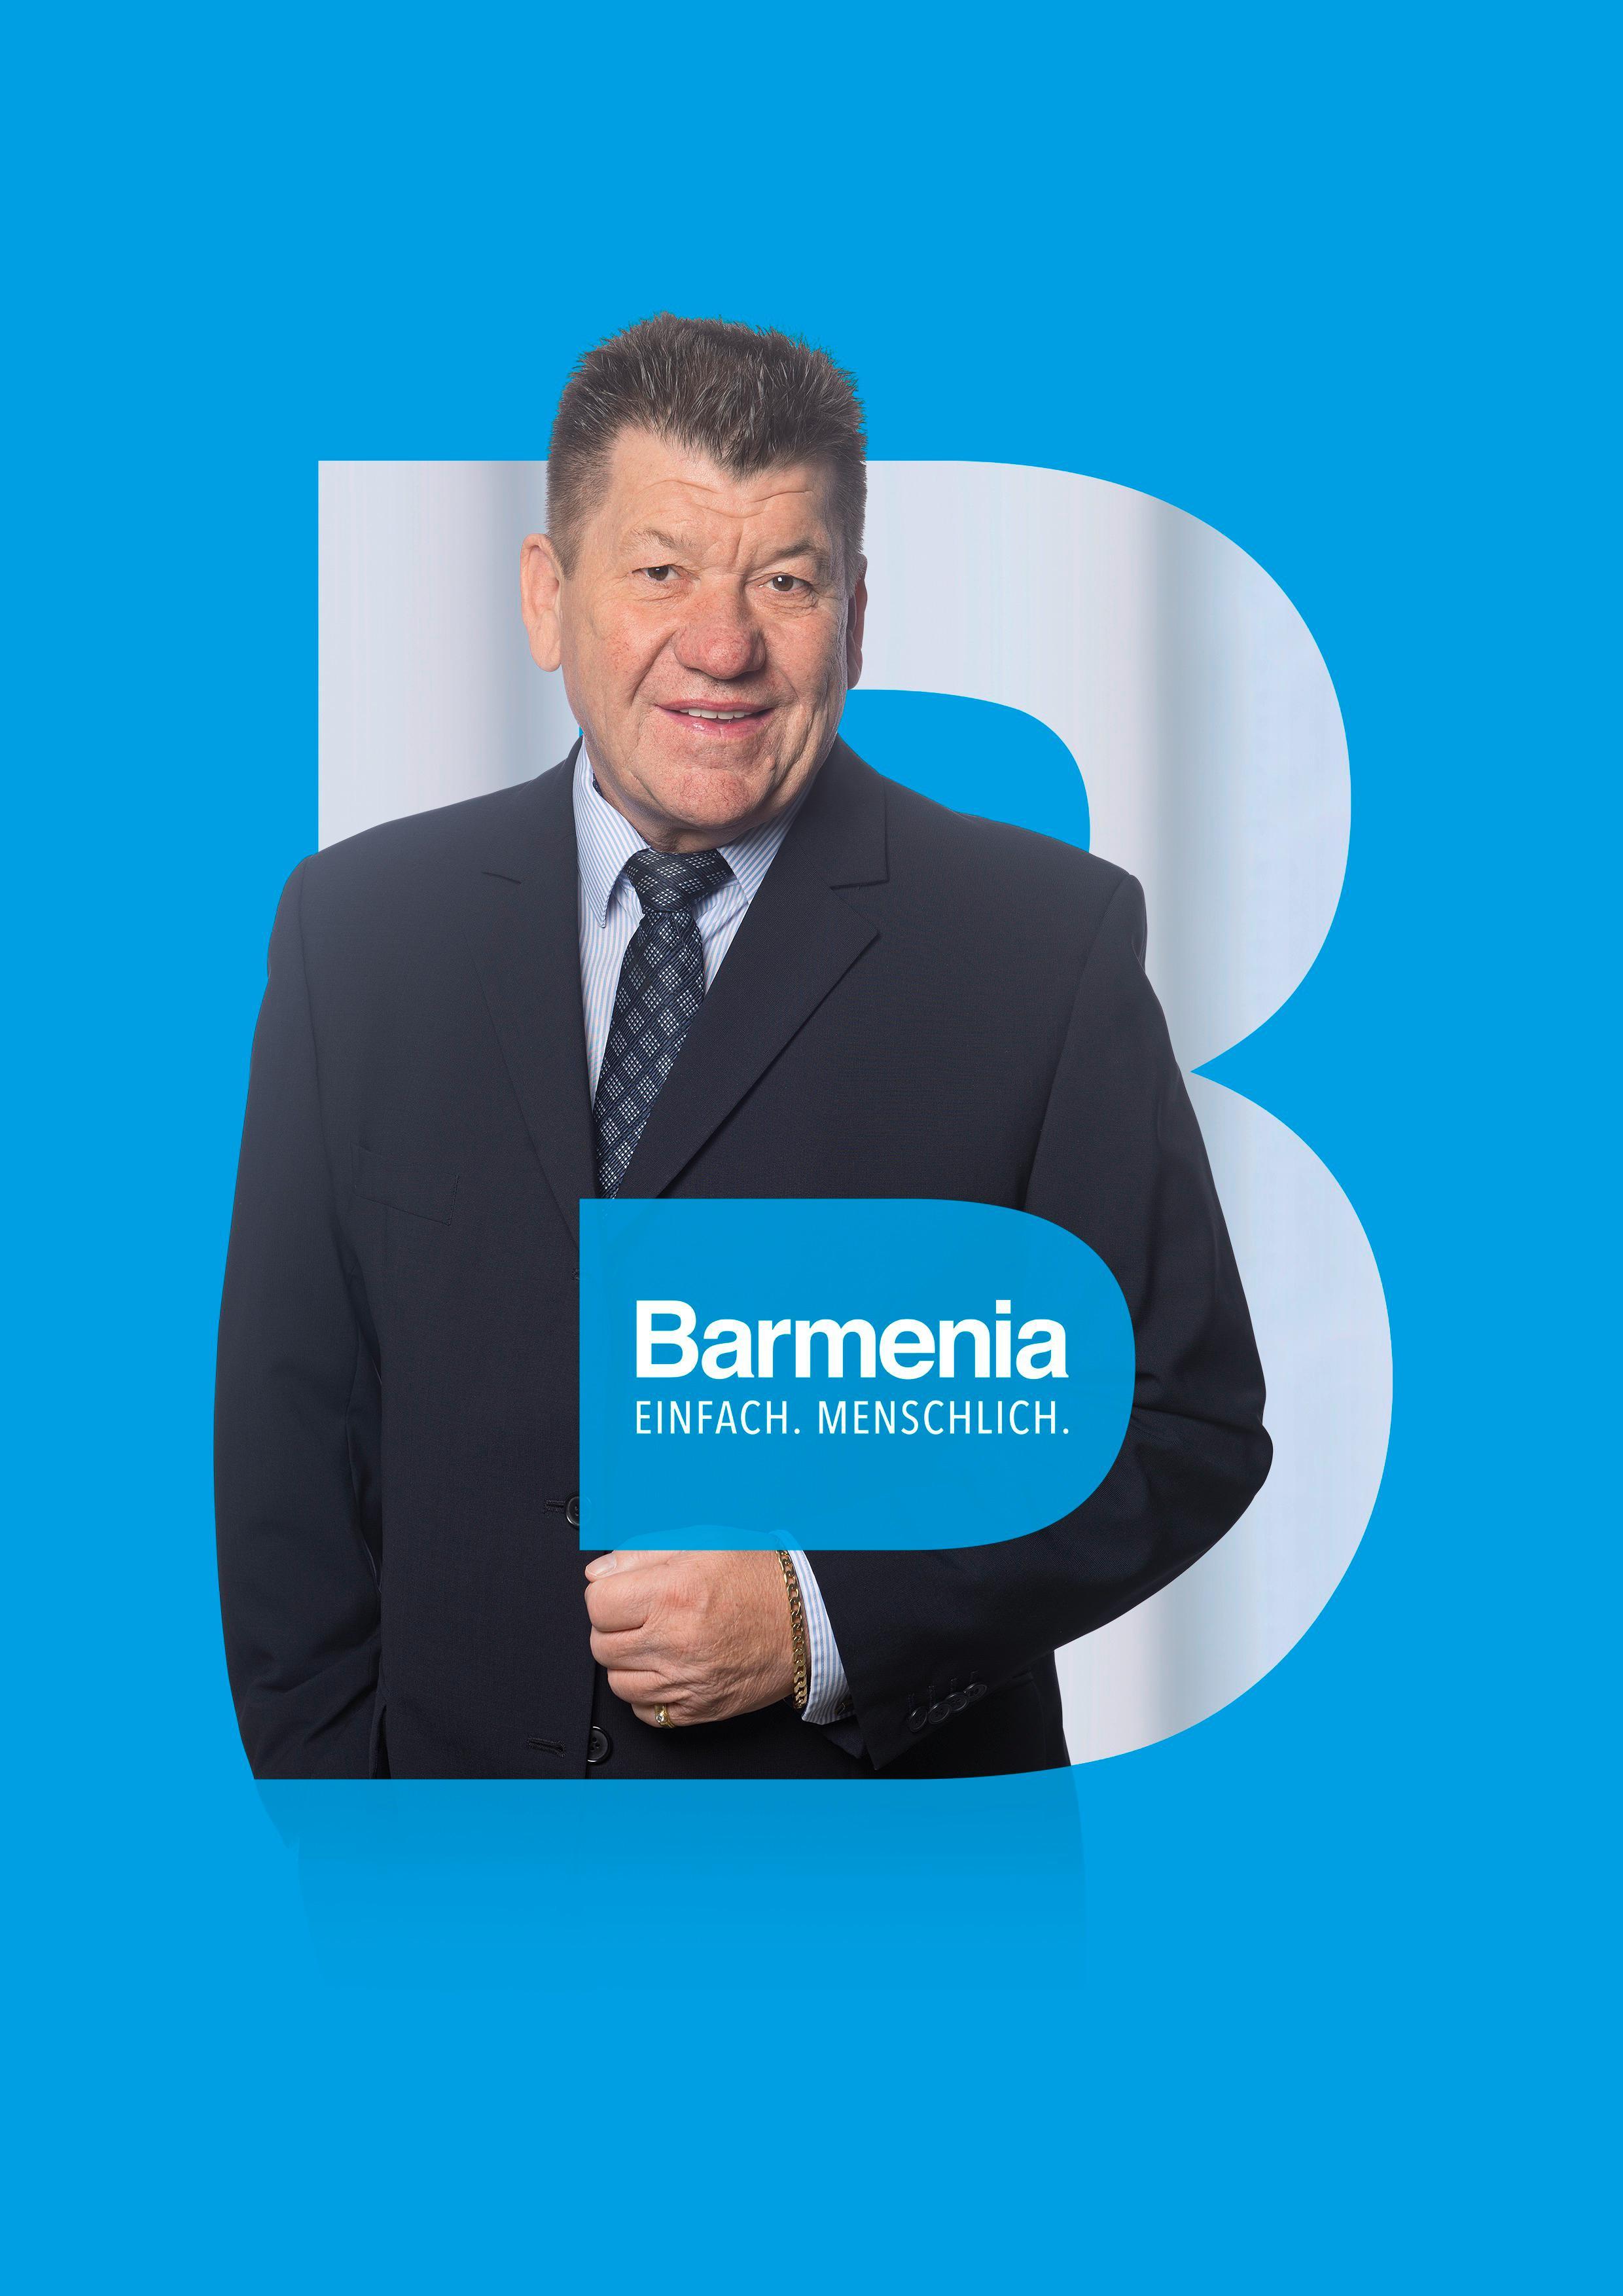 Barmenia Versicherung - Werner Albert